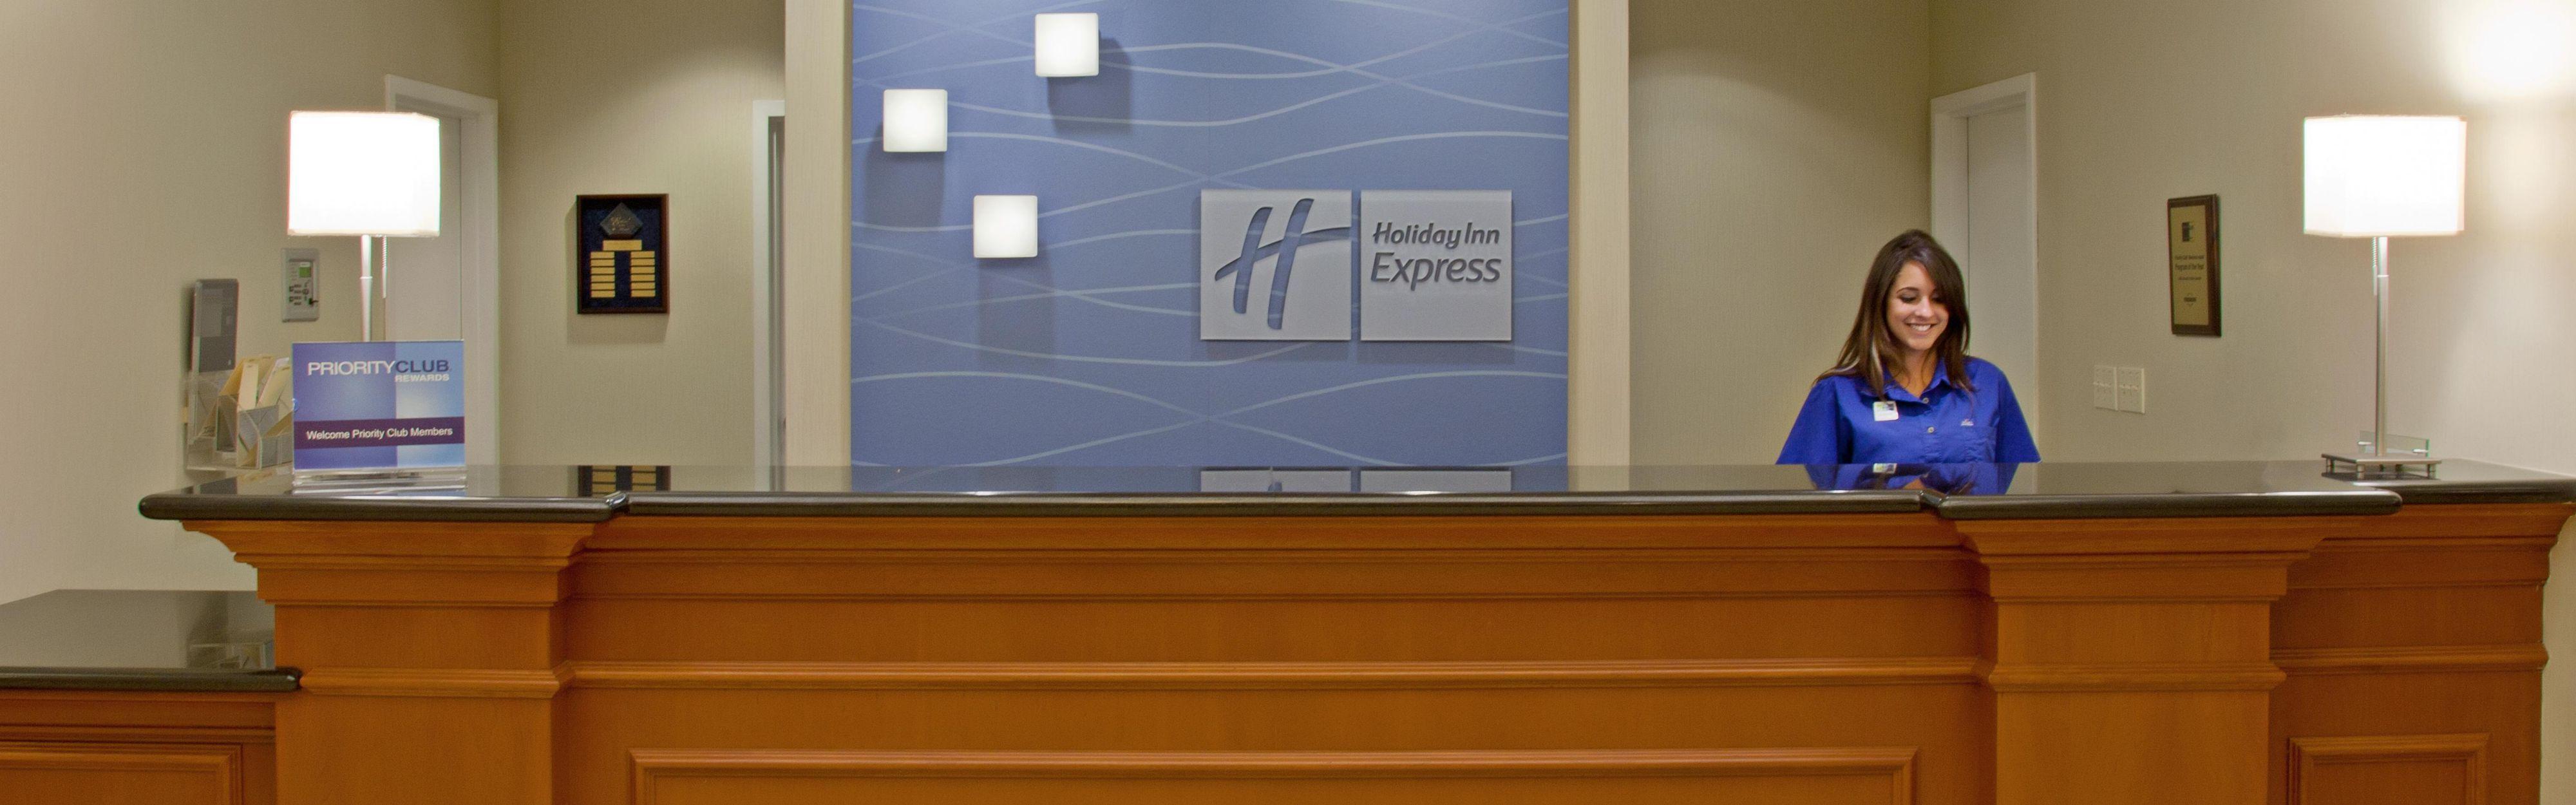 Holiday Inn Express & Suites Santa Clarita image 0